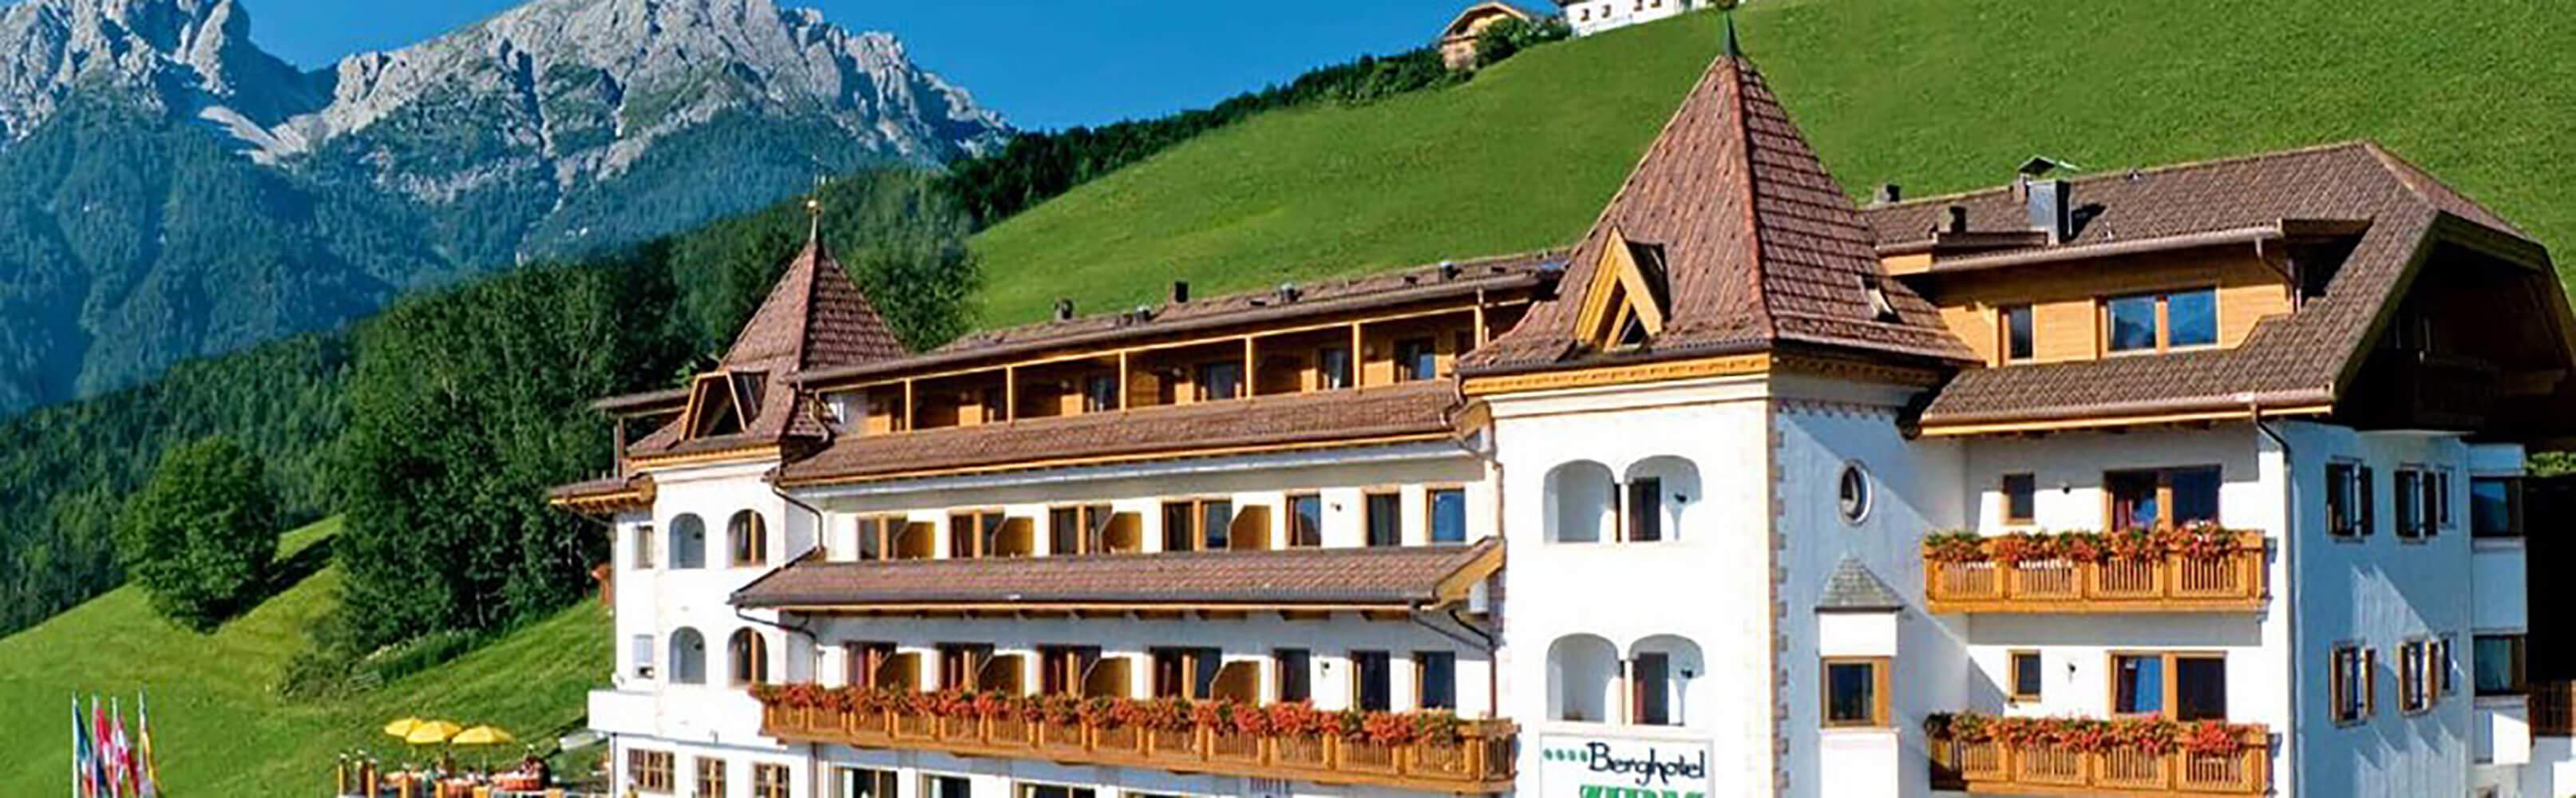 Kronplatz-Resort 1